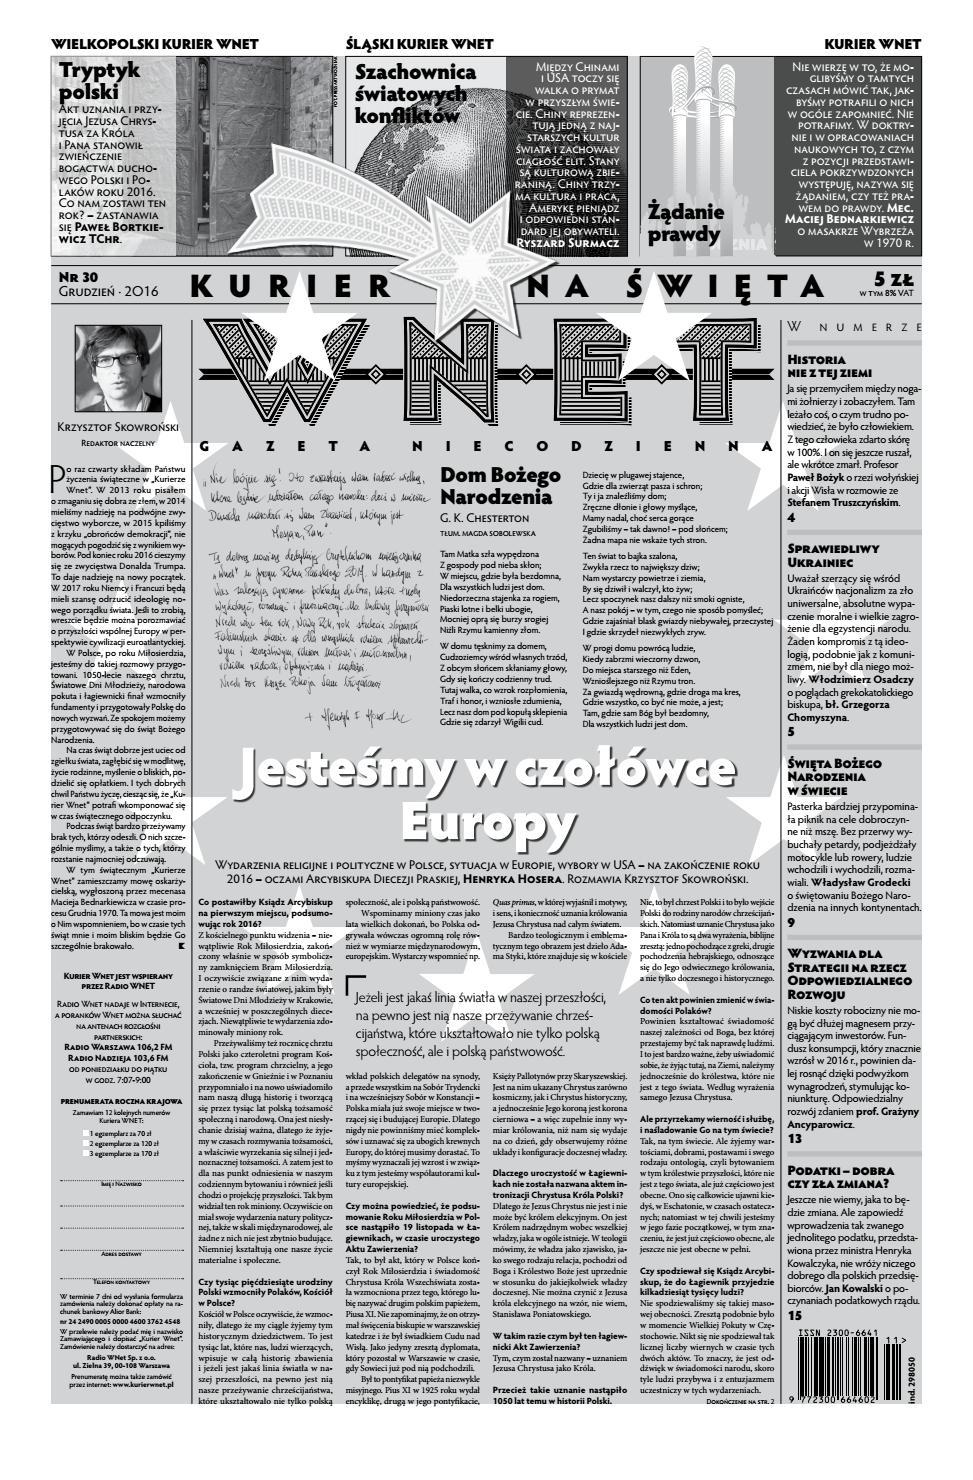 Kurier Wnet Gazeta Niecodzienna Nr 30 Grudzień 2016 By